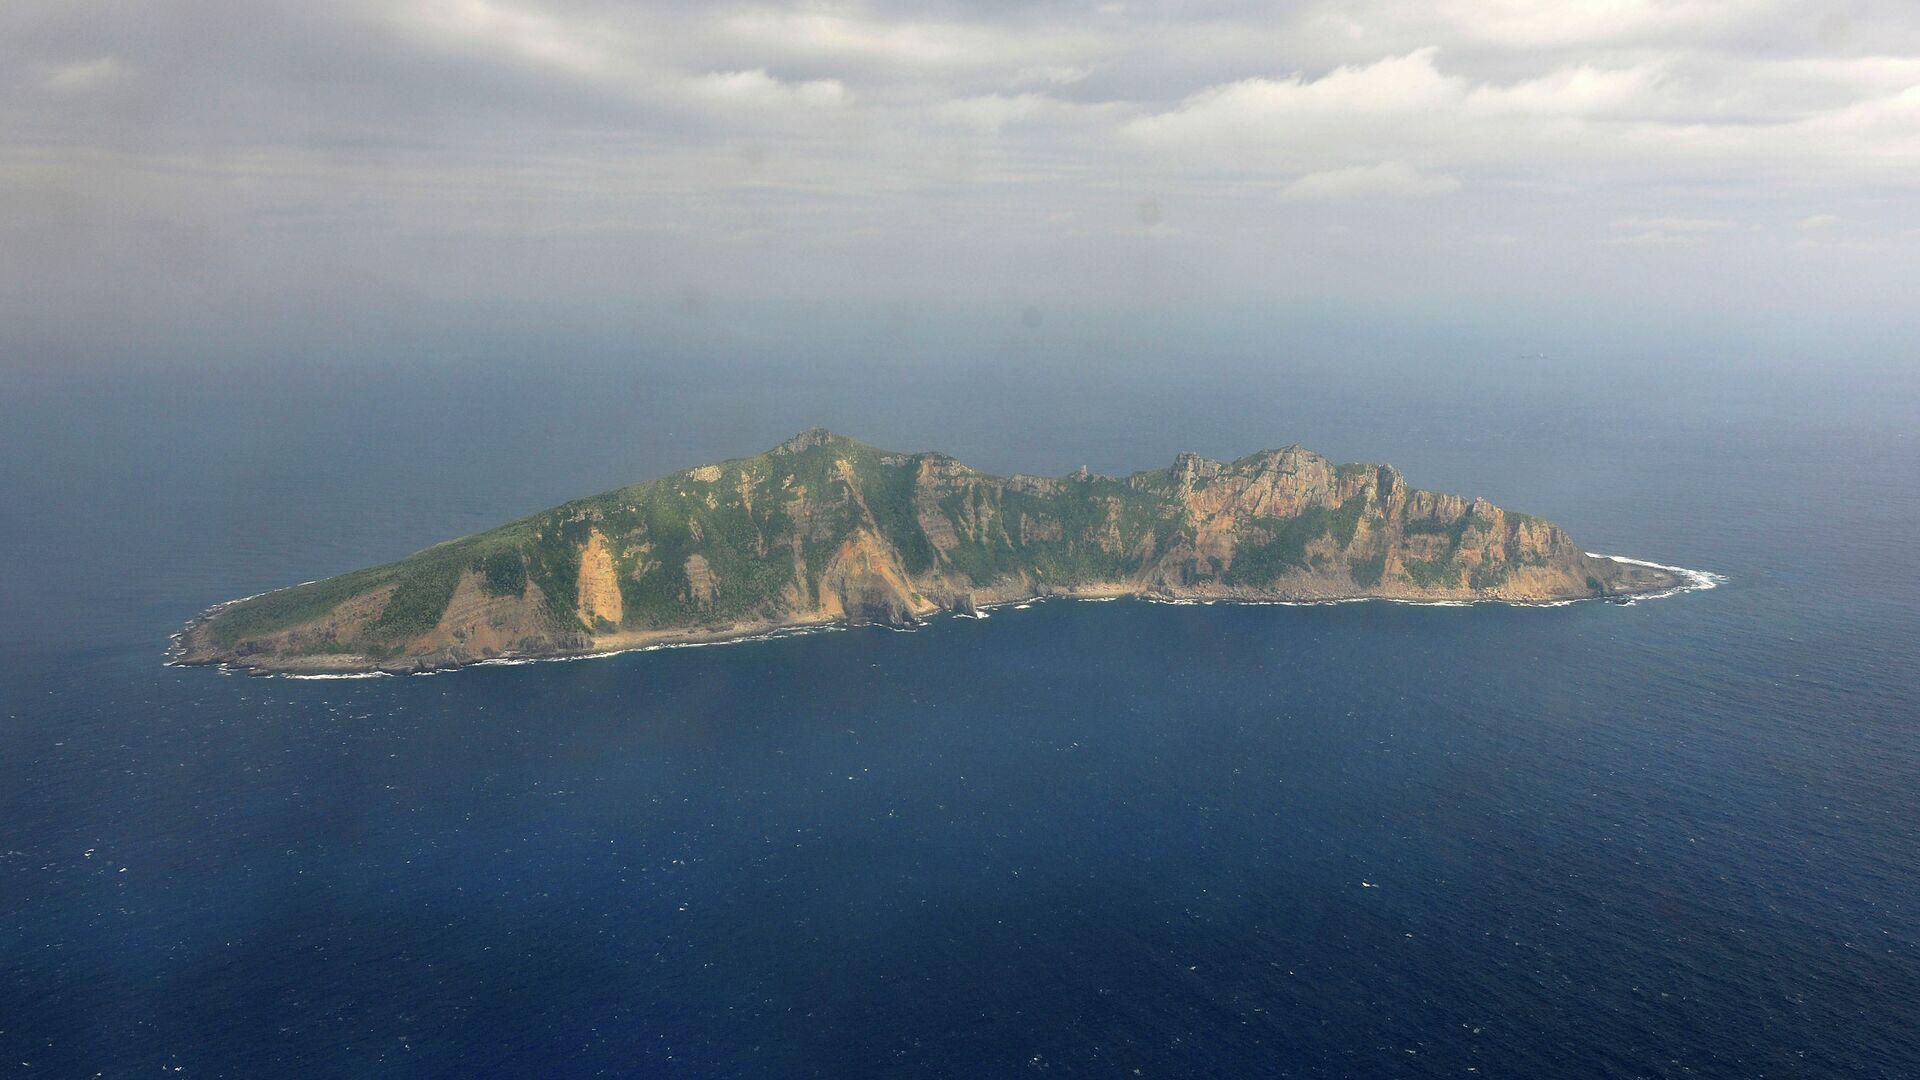 Остров Сенкаку архипелаг в Восточно-Китайском море - РИА Новости, 1920, 28.08.2021